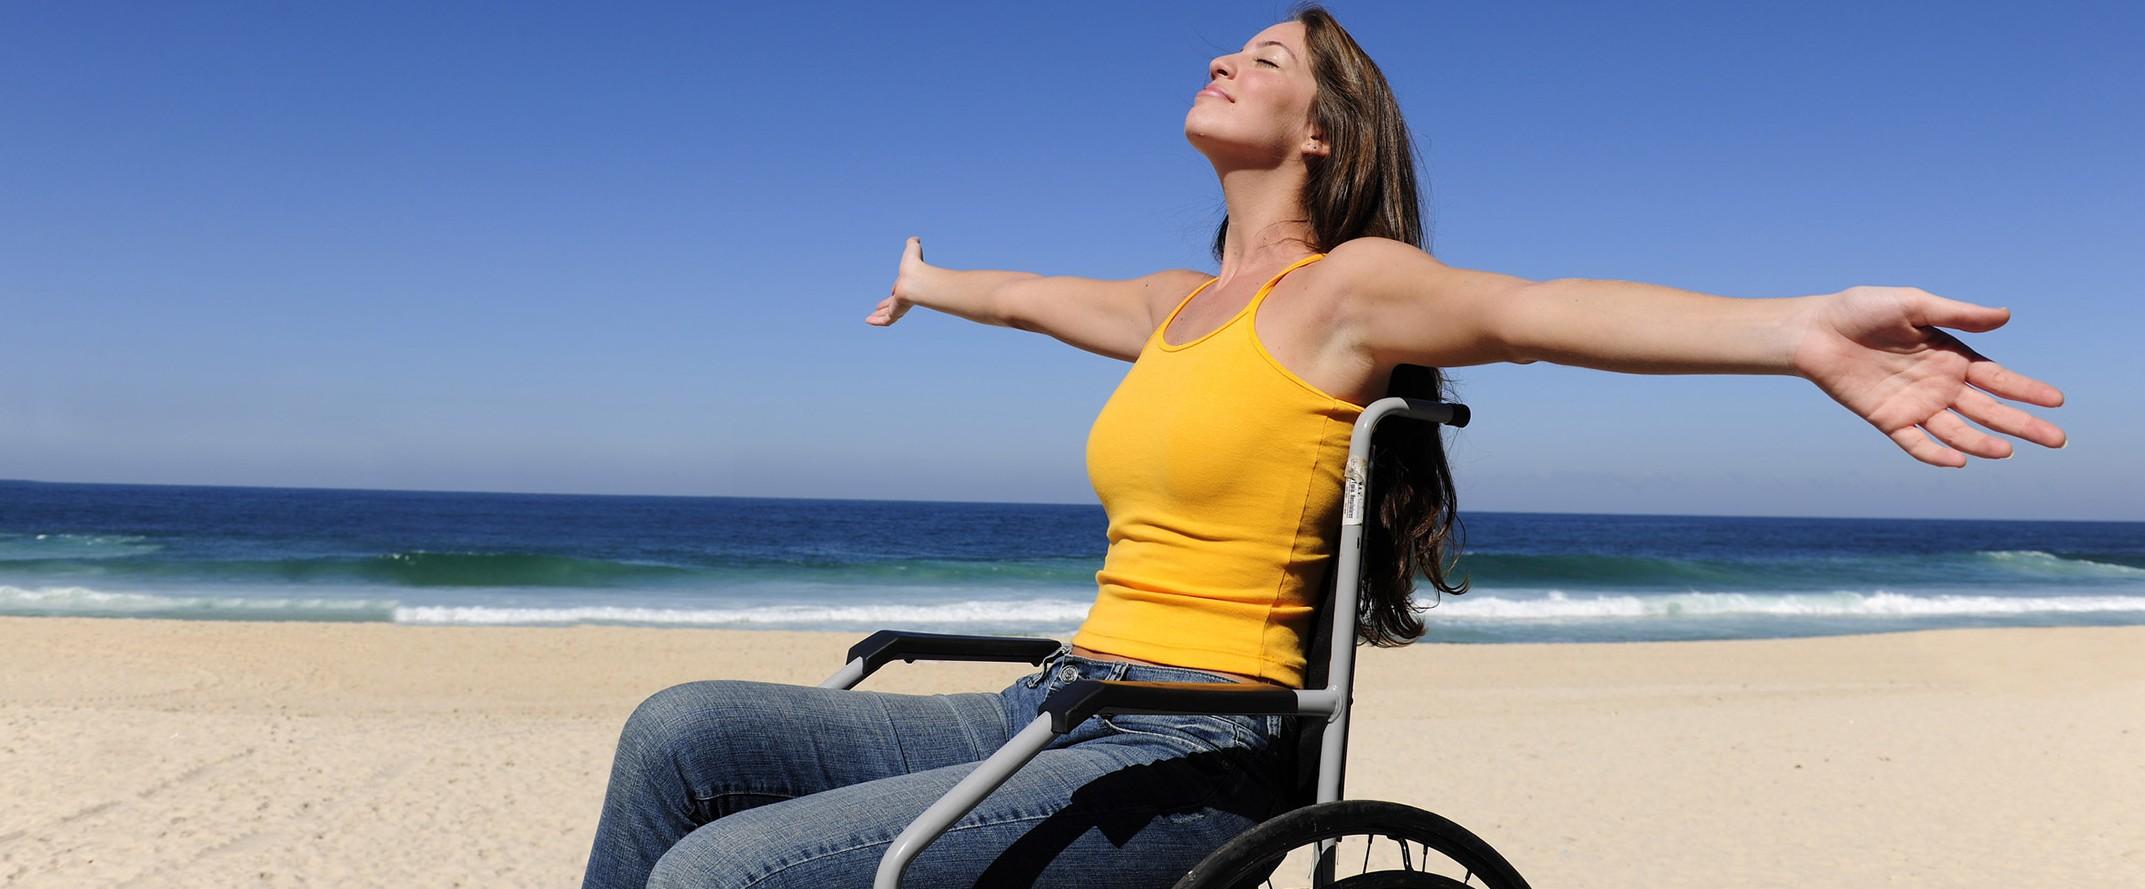 spiagge accessibili ai disabili: Taranto all'avanguardia in Puglia